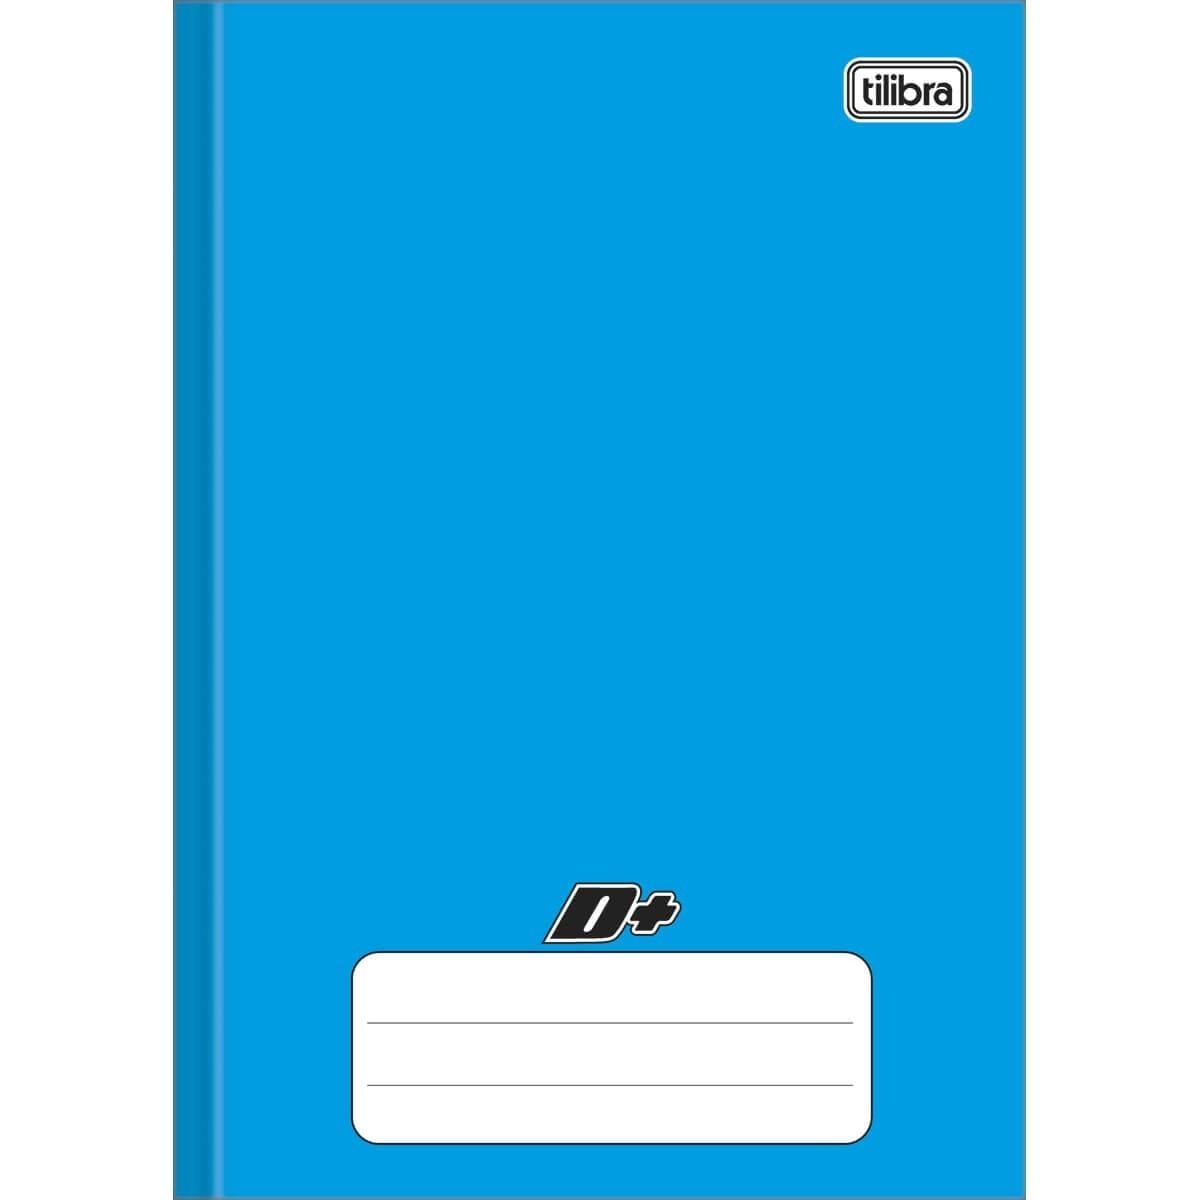 Caderno Brochura Capa Dura 1/4 D+ Azul 96 Folhas